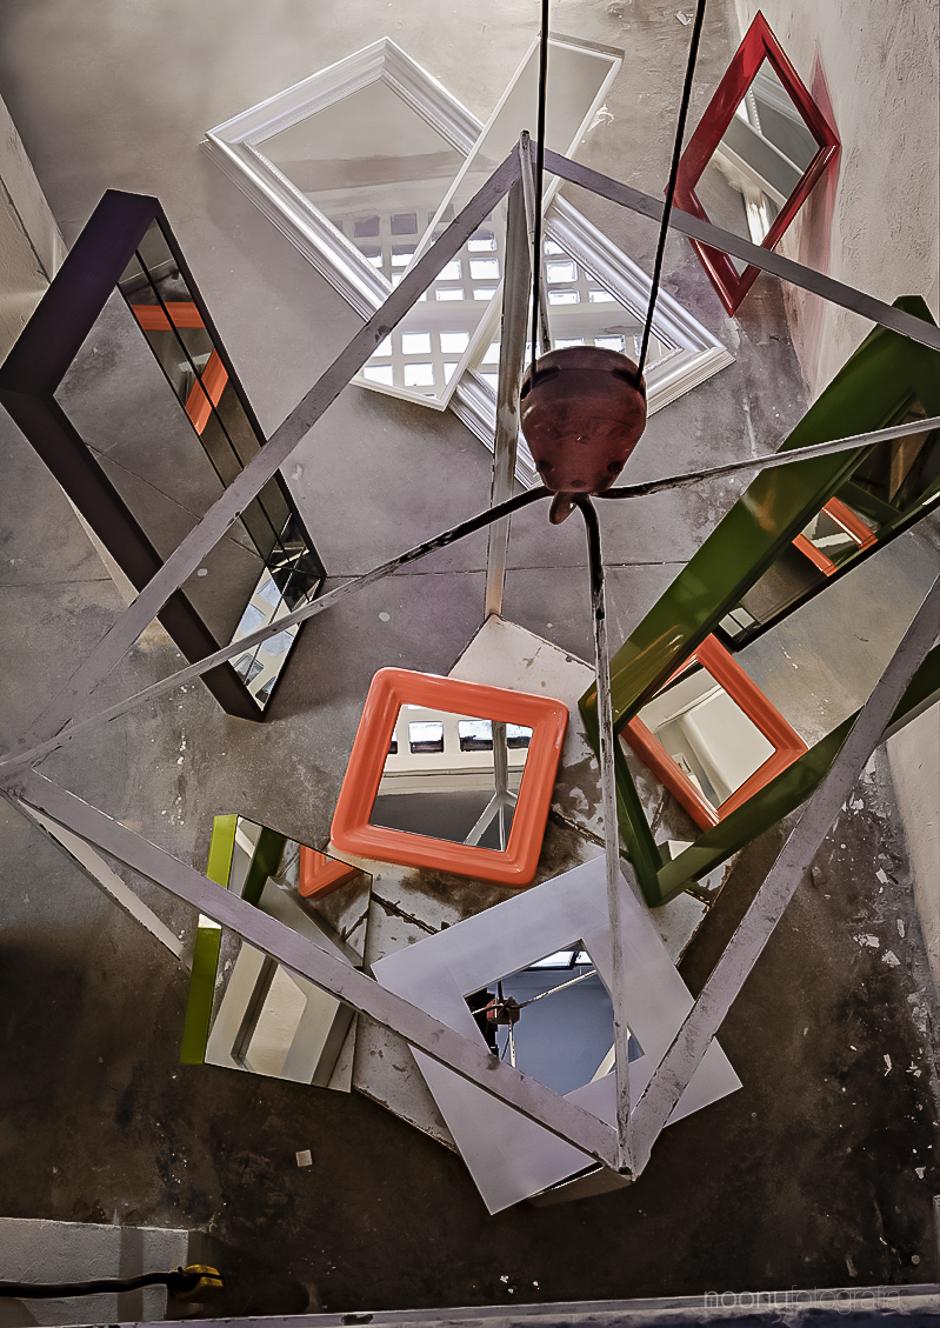 Noonu-fotografo-de-espacios-interiores-madrid-almacen 2